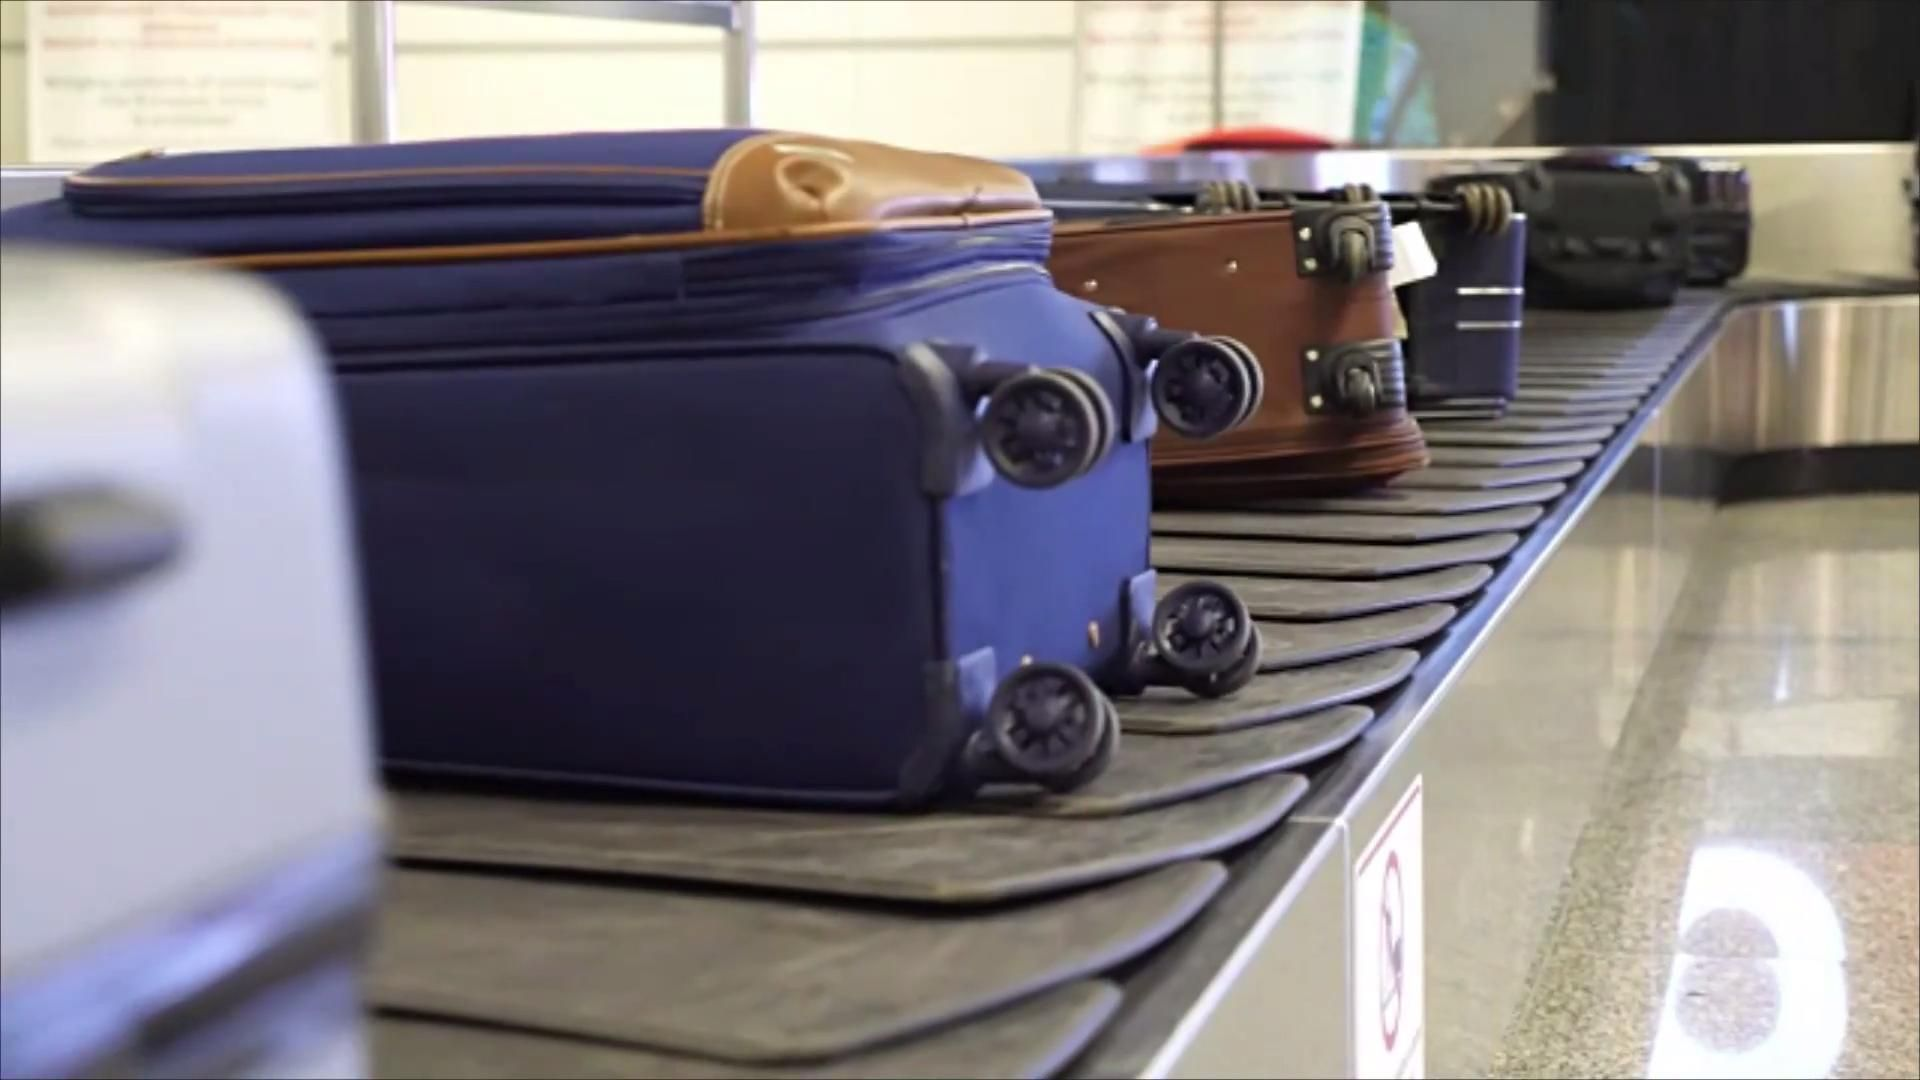 Despachar equipaje en el avión es cada vez más caro